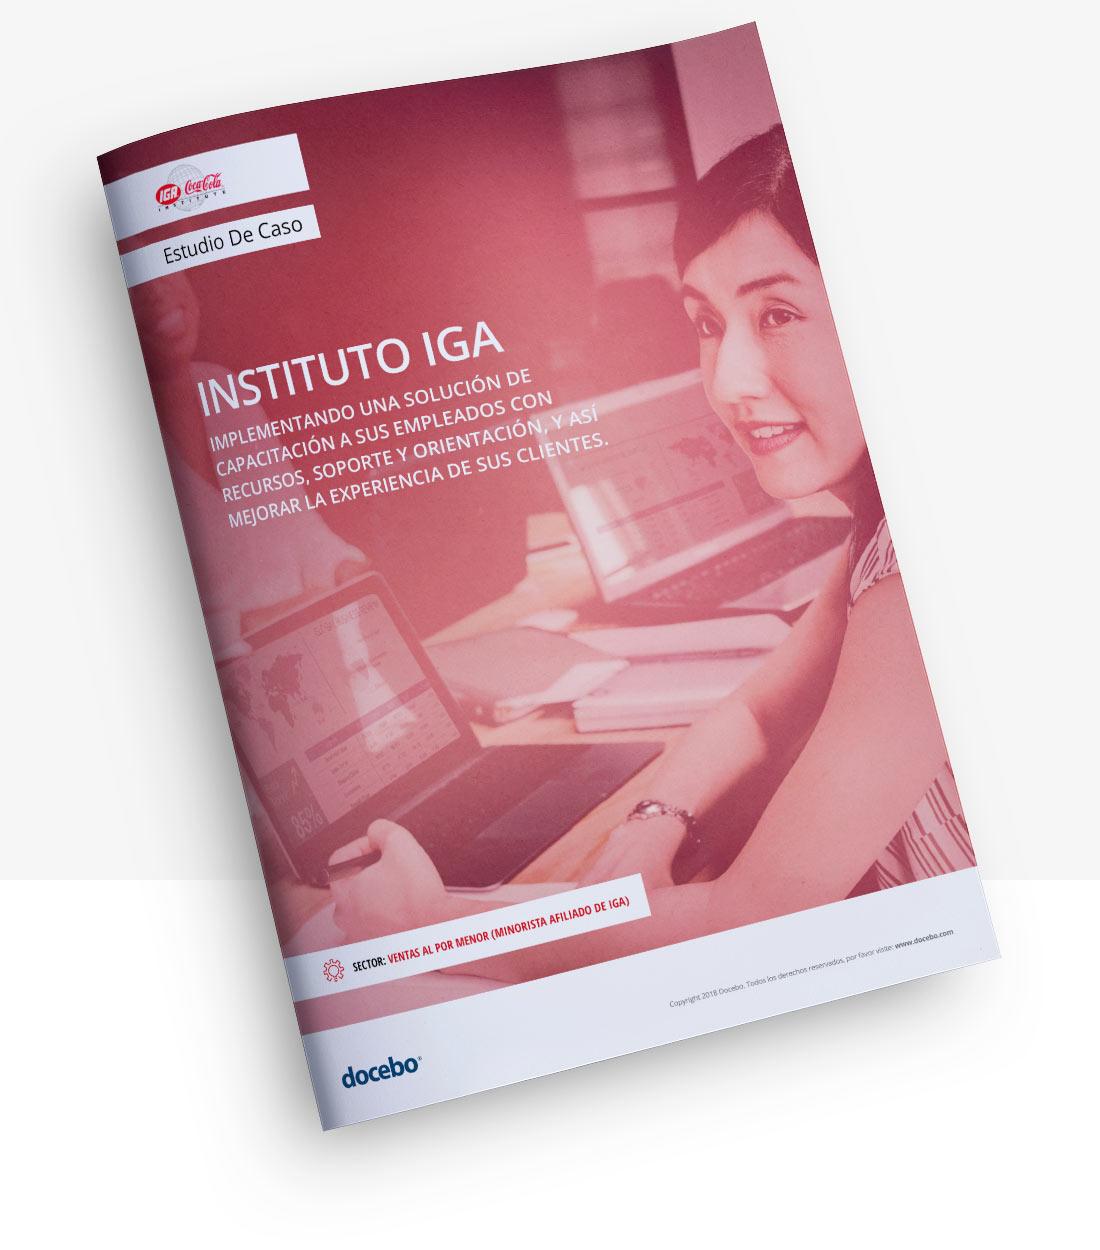 El Instituto IGA está mejorando la experiencia de comprar de sus clientes con Docebo